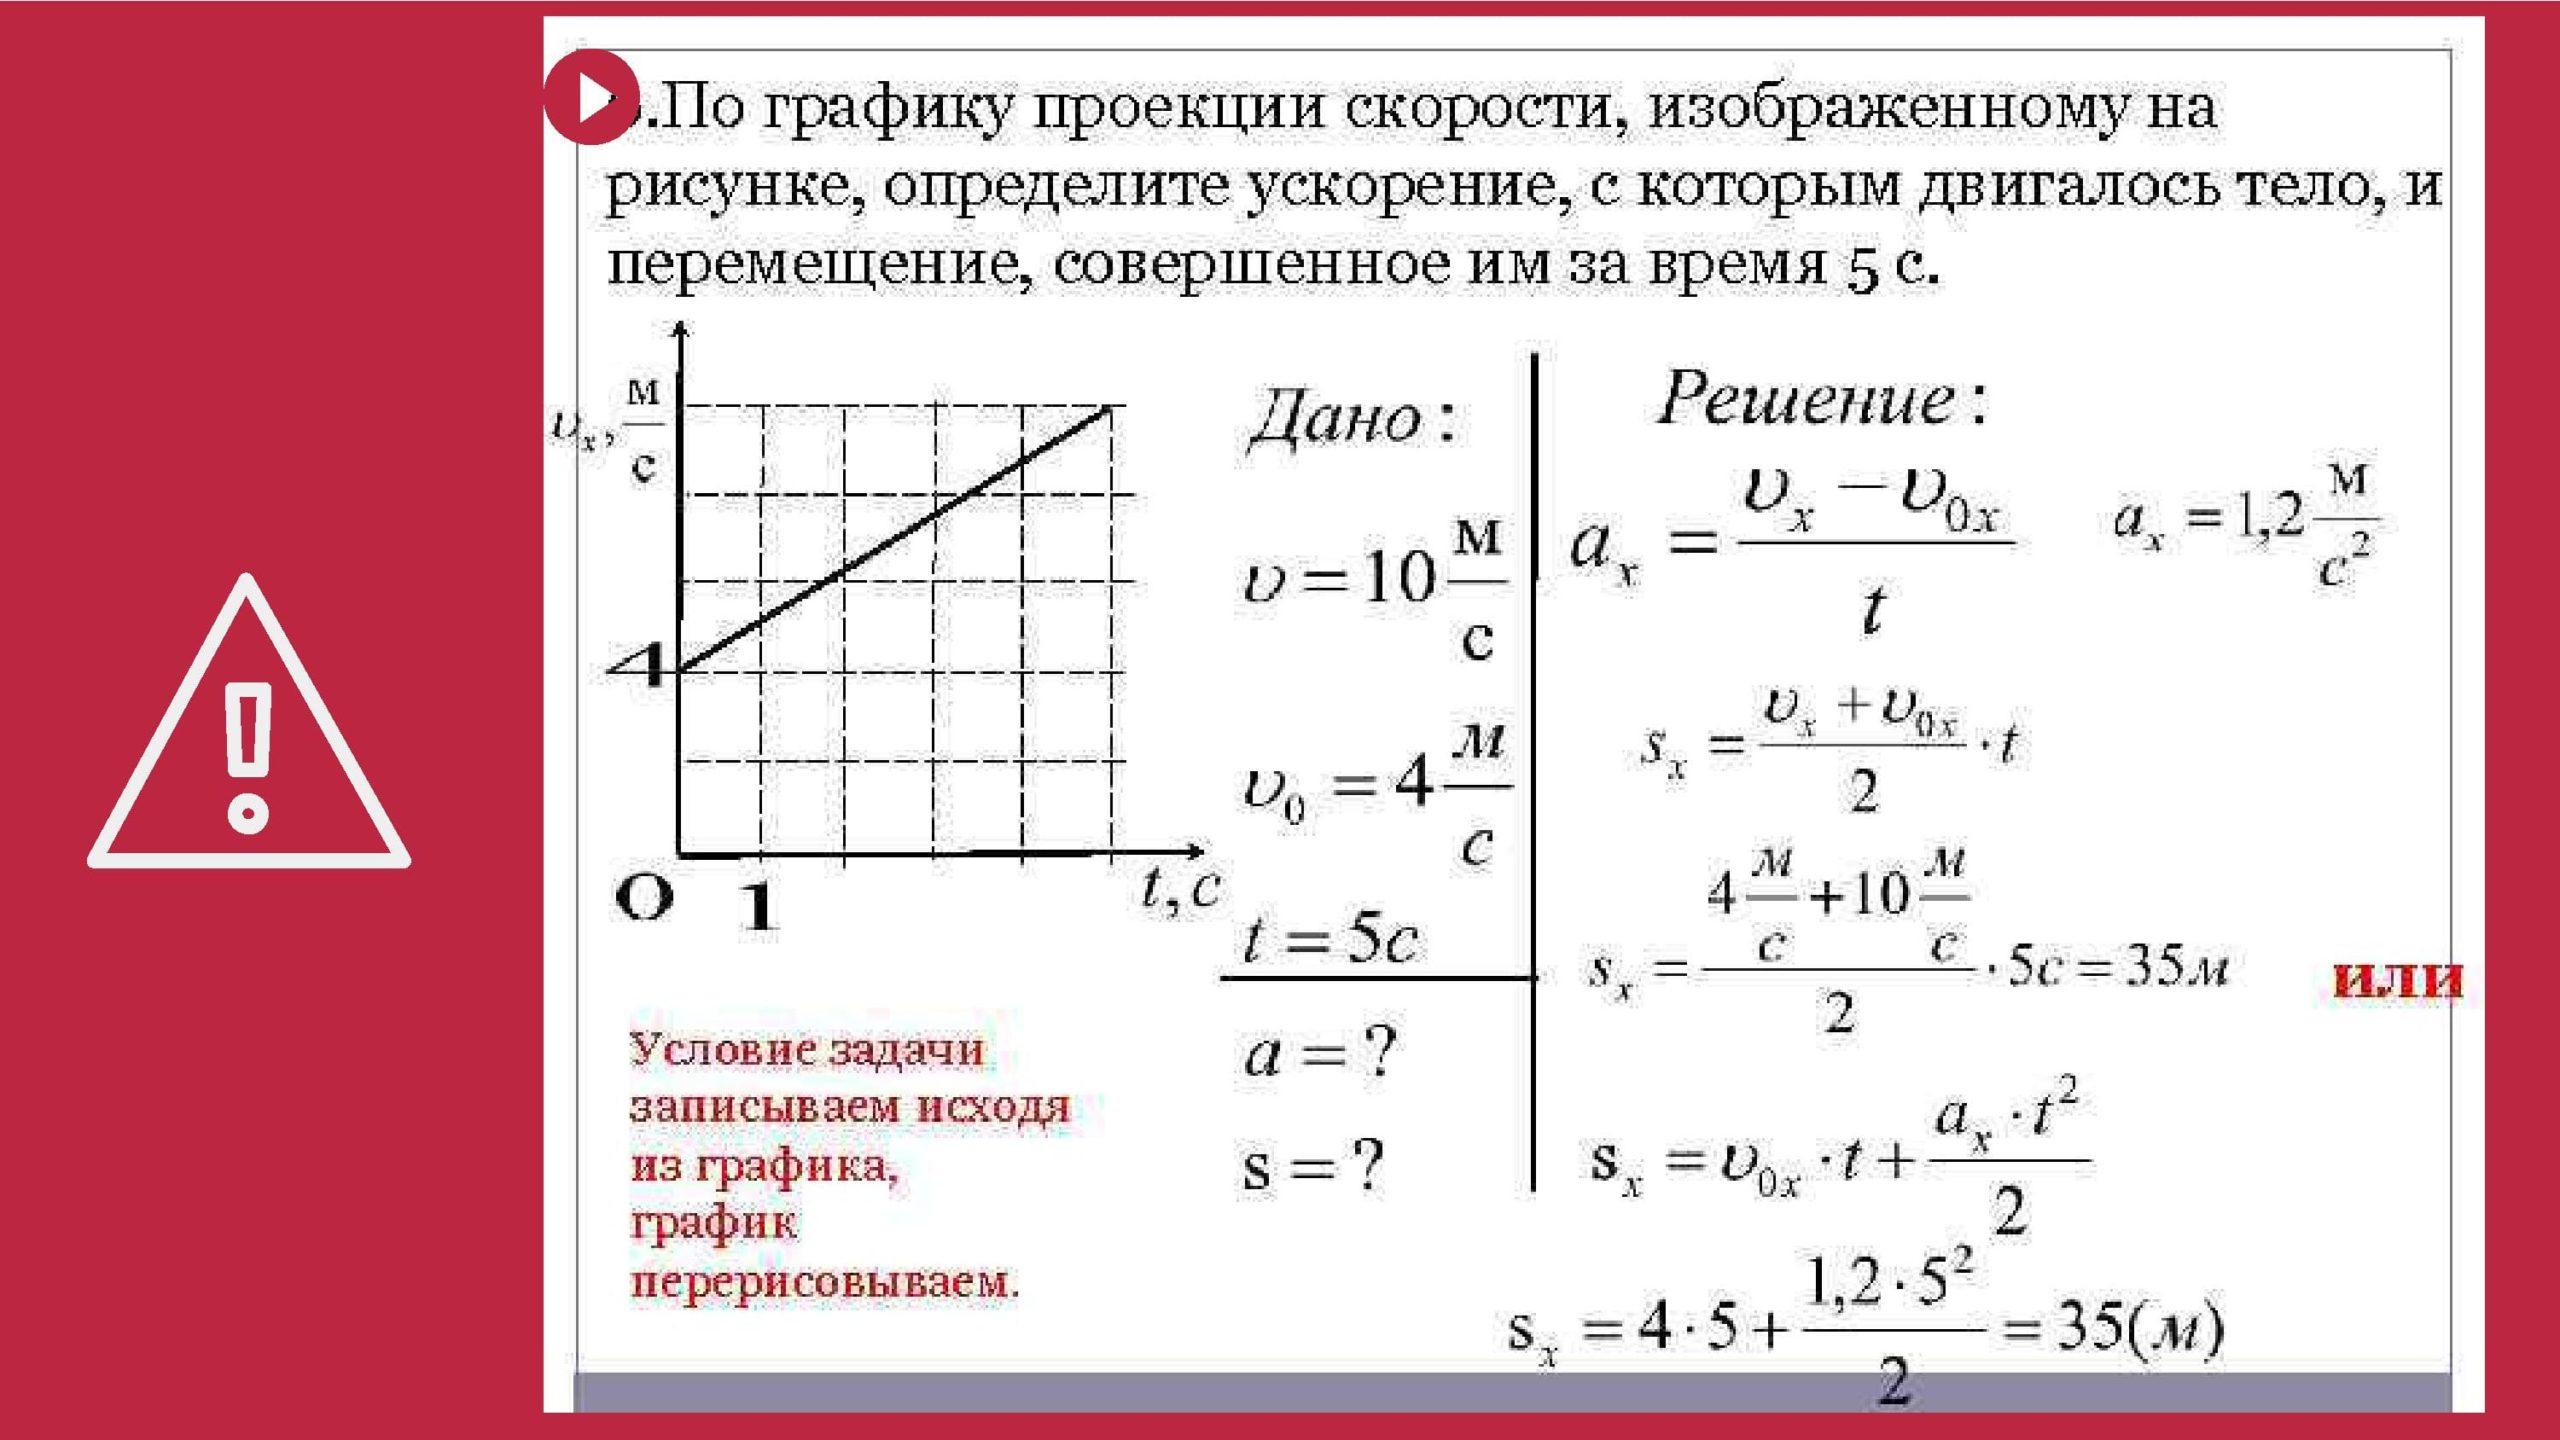 По графику проекции скорости, изображенному на рисунке, определите ускорение